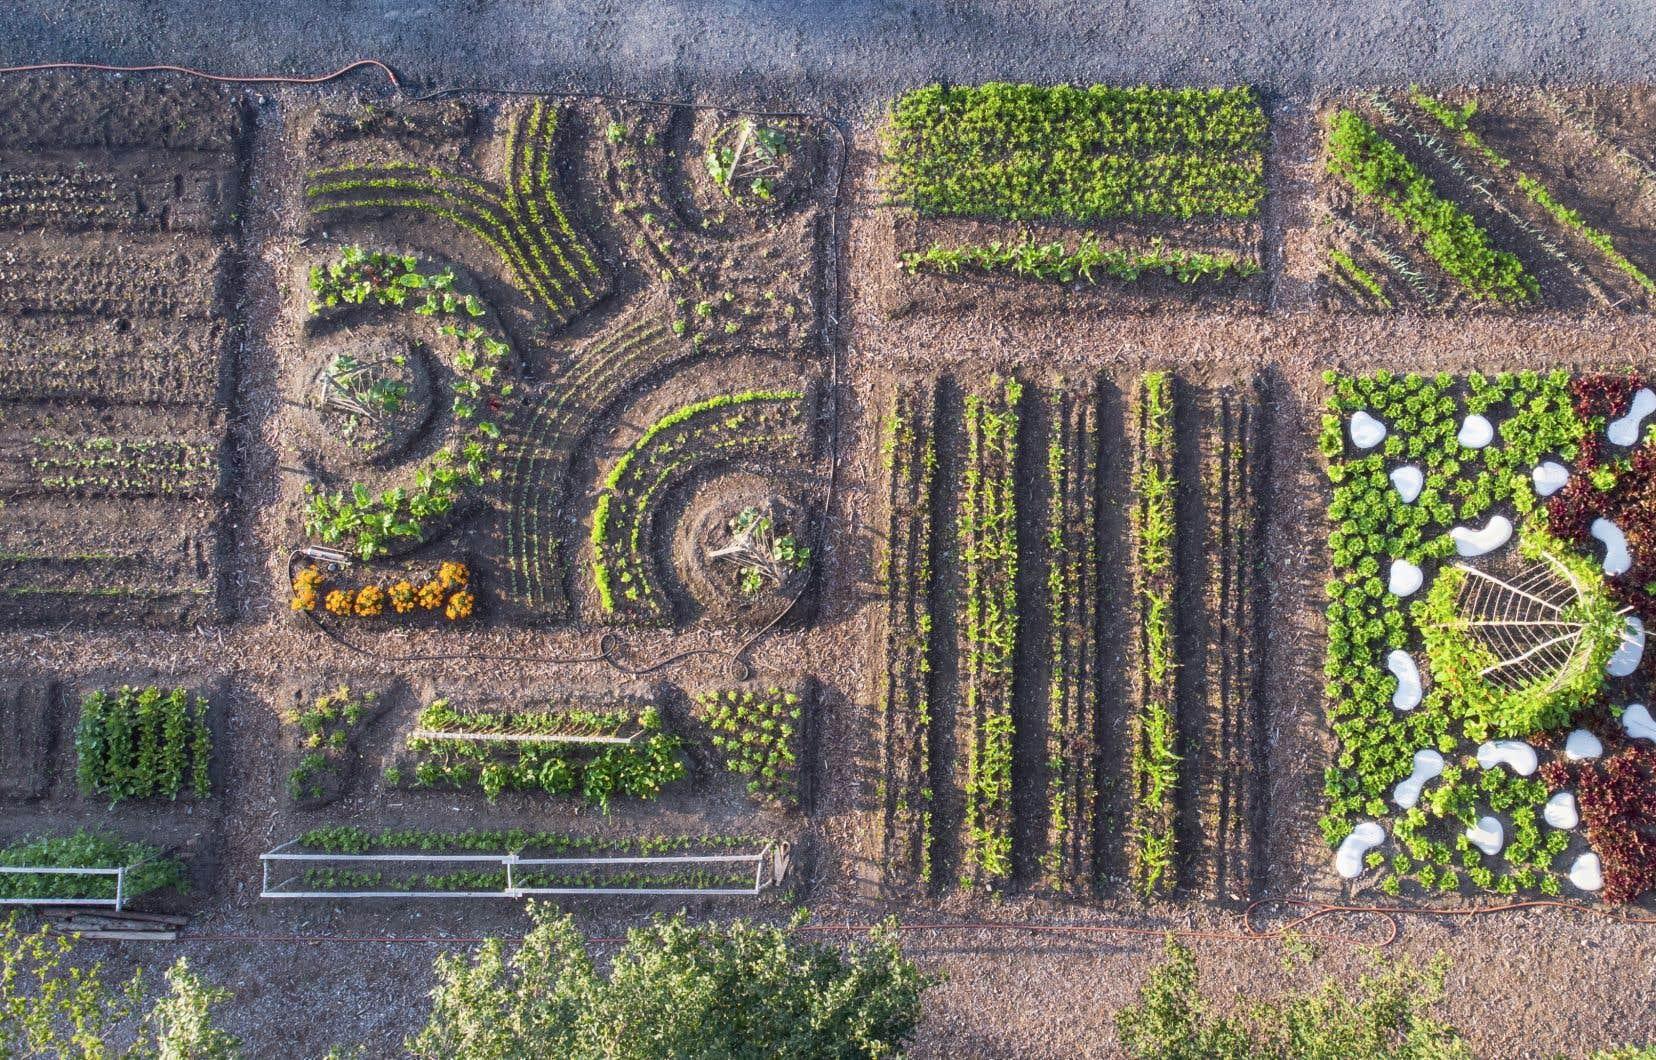 Depuis plus de 20ans, les Jardins de Métis ont invité 200 créateurs et artistes du monde entier à concevoir une centaine de jardins contemporains alliant installations artistiques et horticulture.